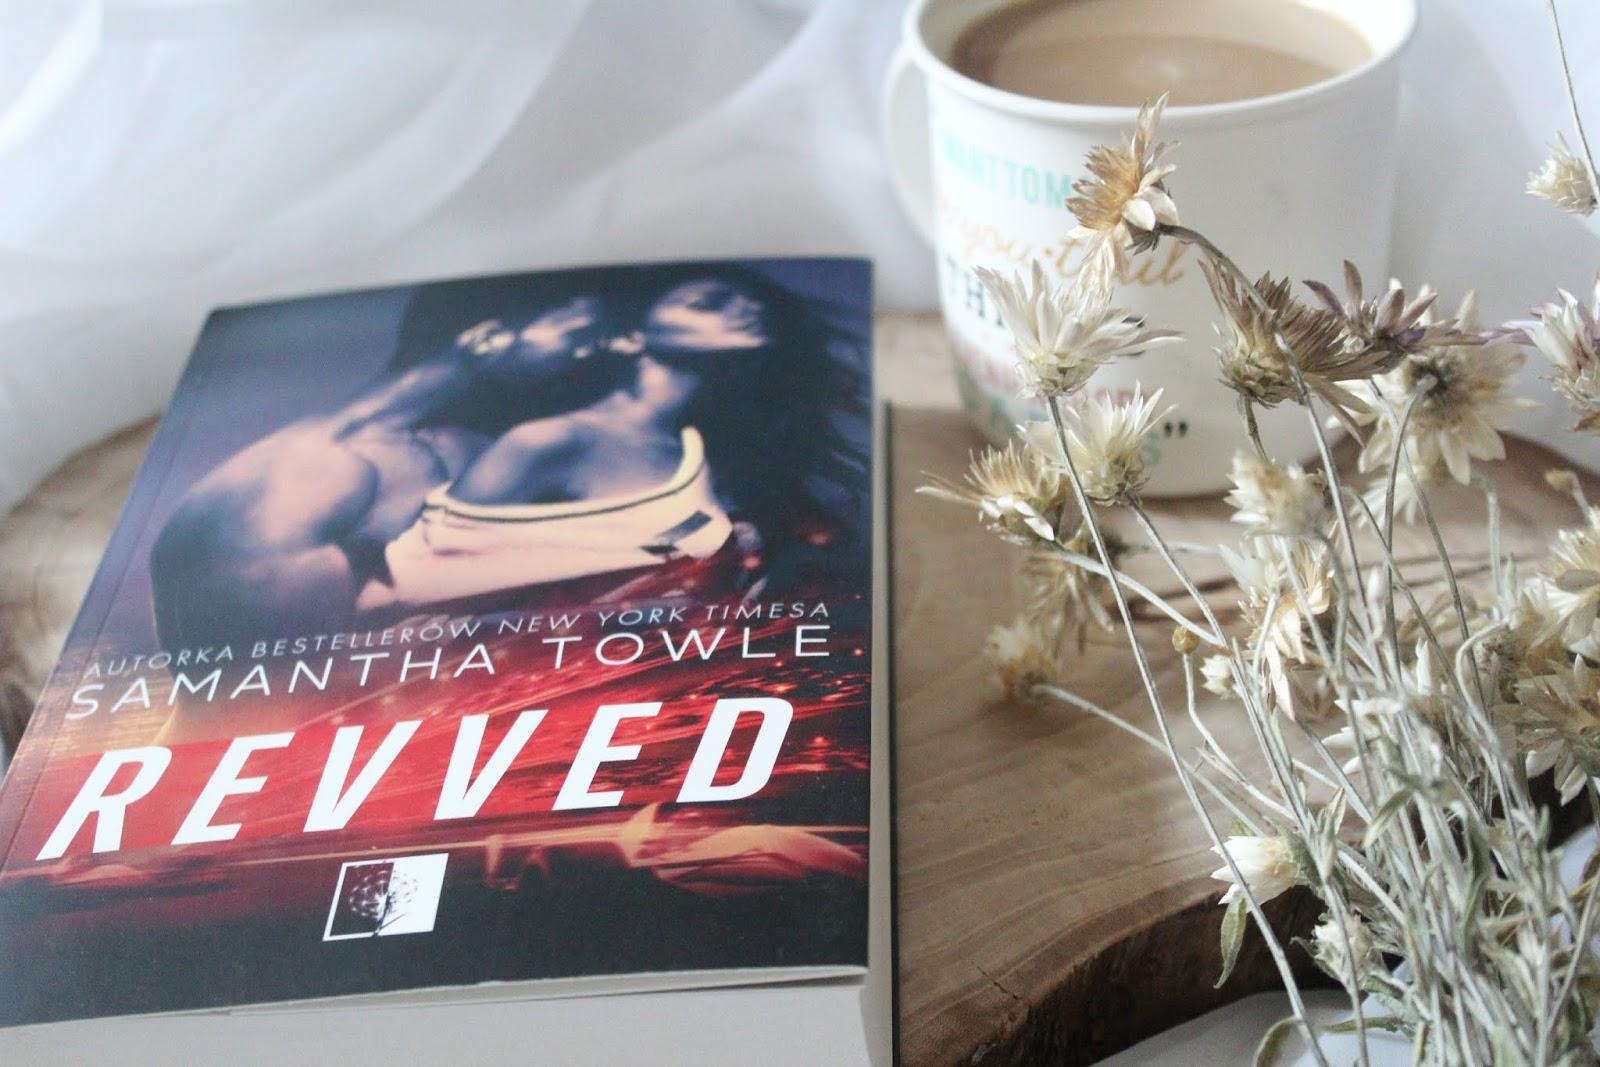 REVVED – Samantha Towle. Przedpremierowa recenzja emocjonalnego rollercoastera. Wejdź w świat Formuły 1 i daj porwać się niebezpiecznej prędkości.